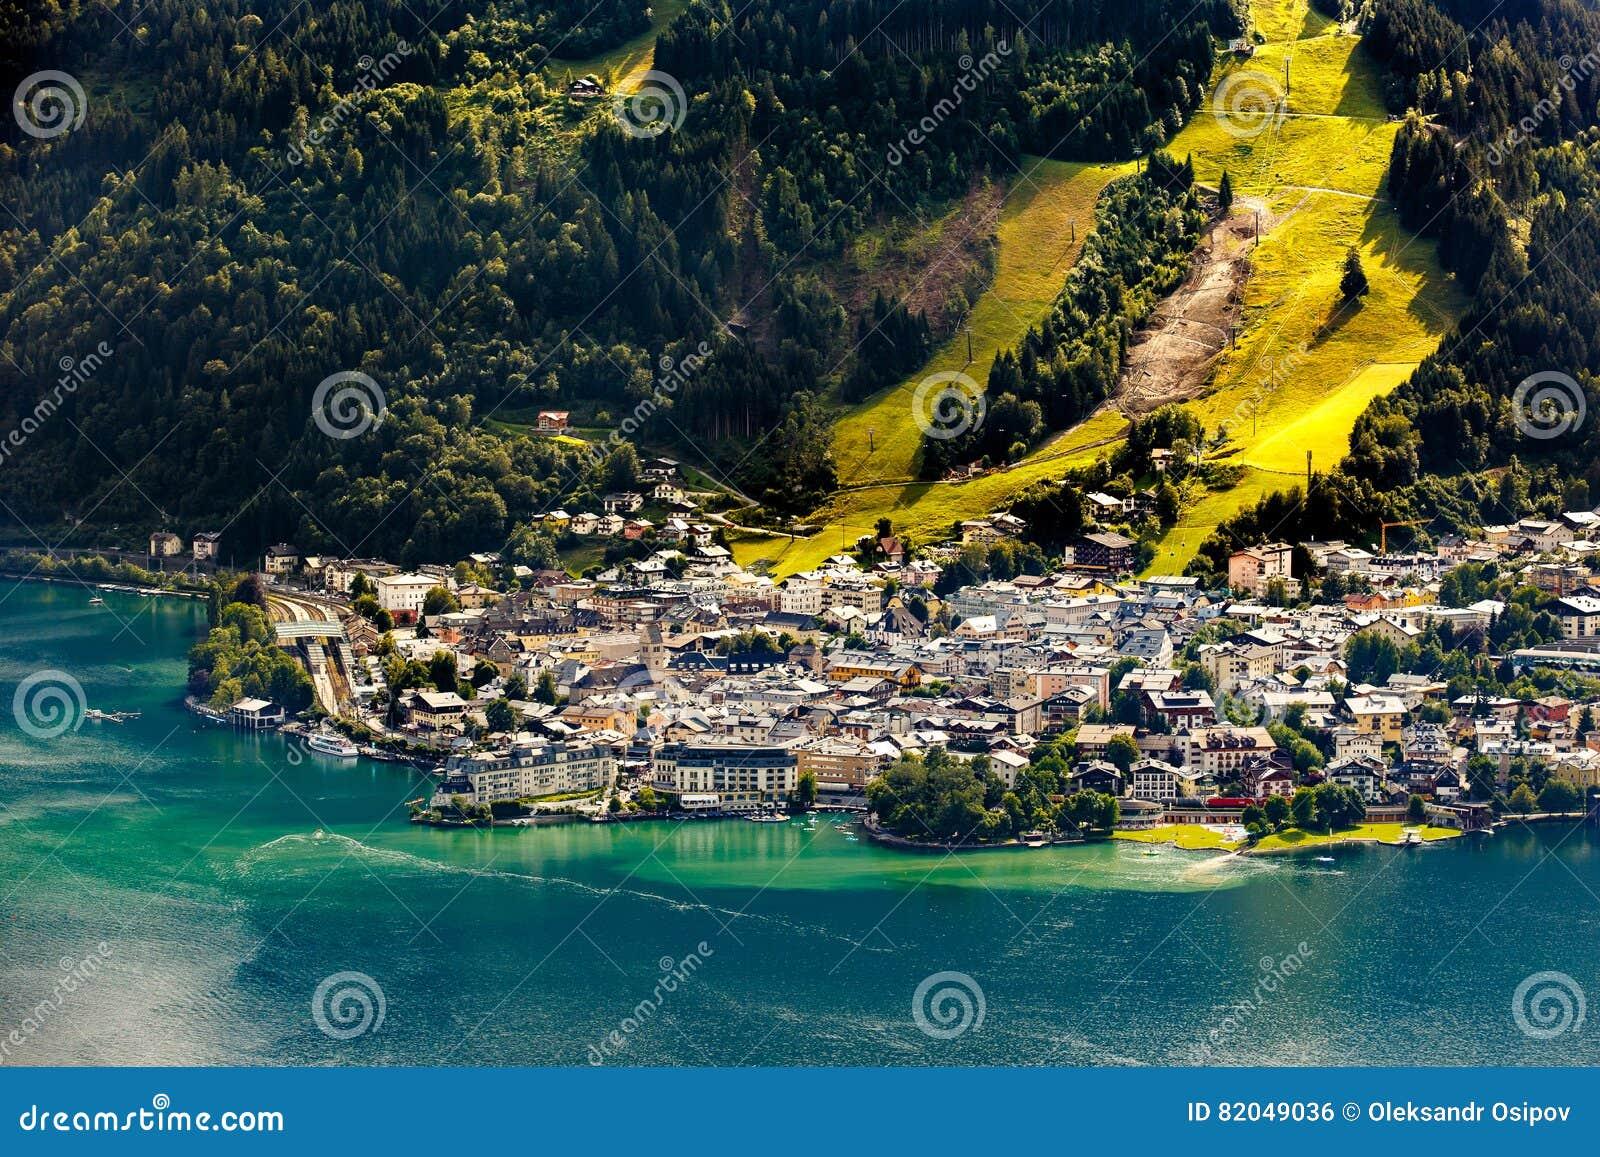 Zell am See, Austria, Europe.